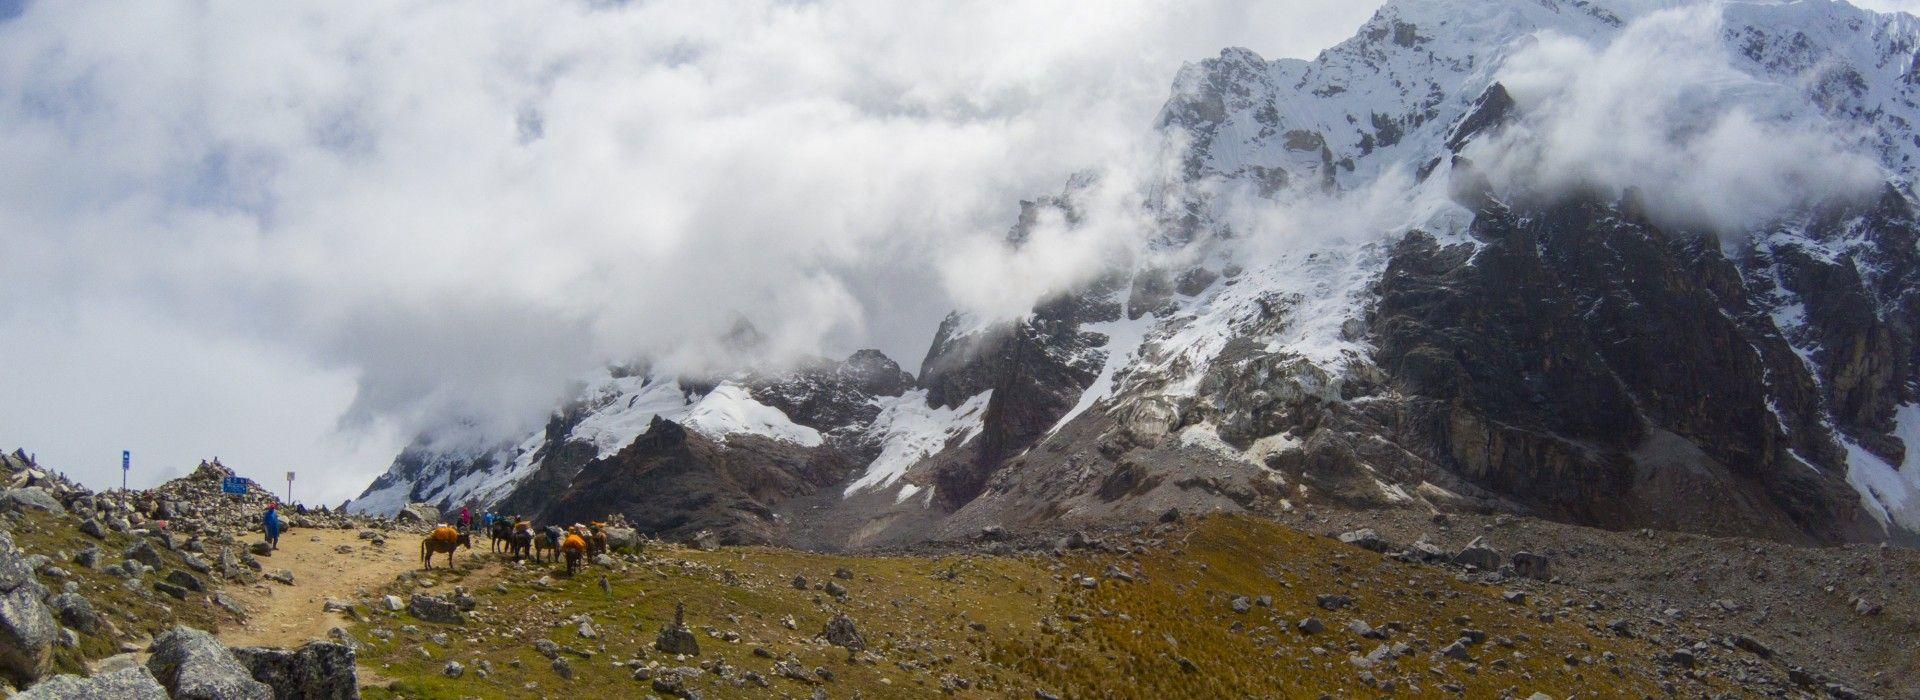 Adventure and sport Tours in Machu Picchu